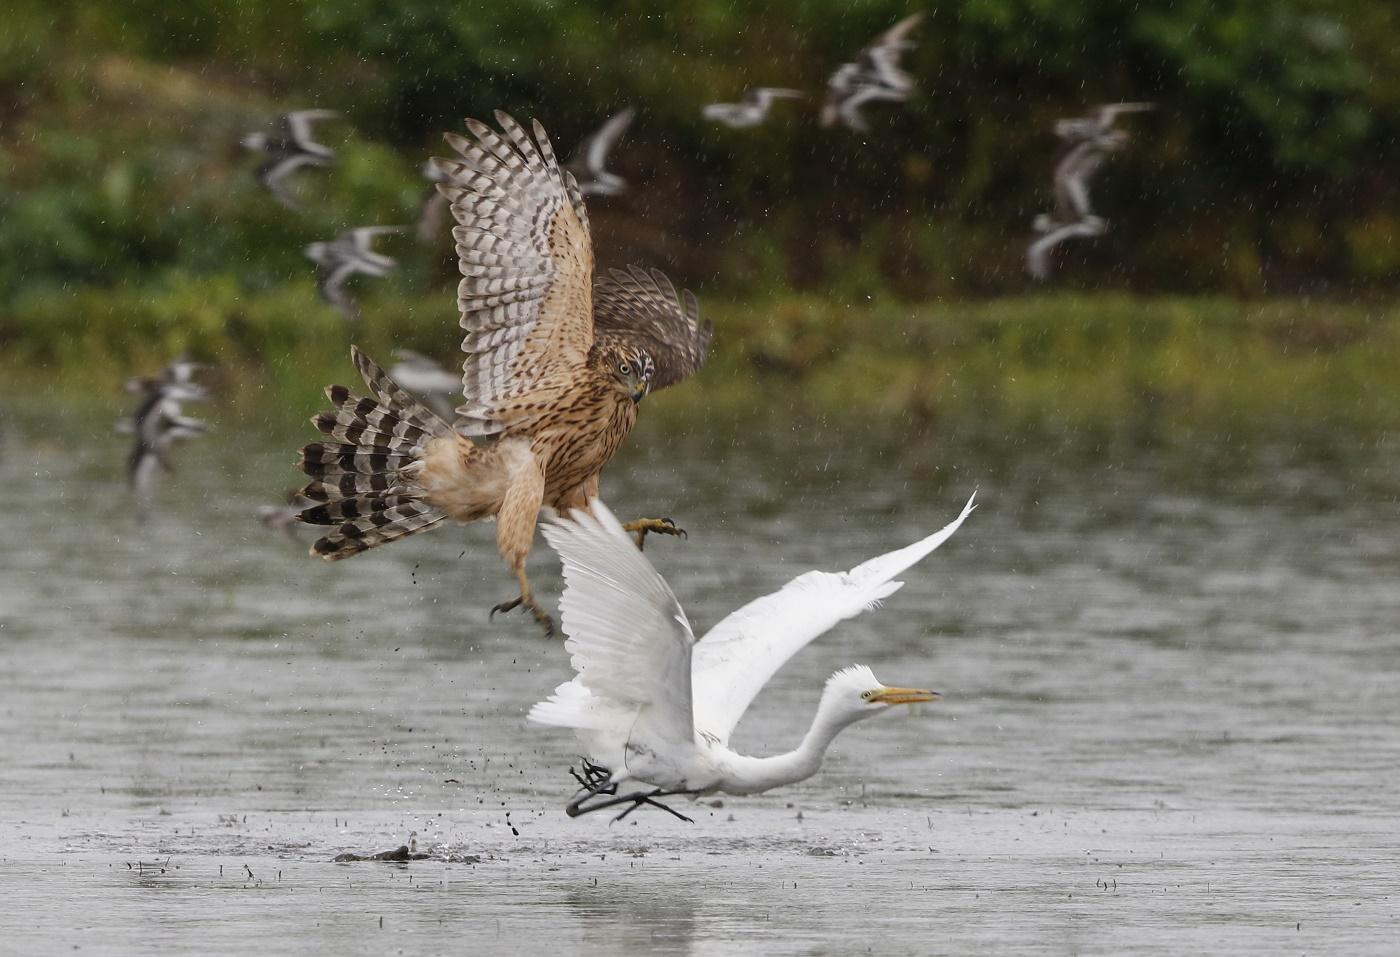 MFの沼でのツルシギの飛翔_f0239515_19342117.jpg